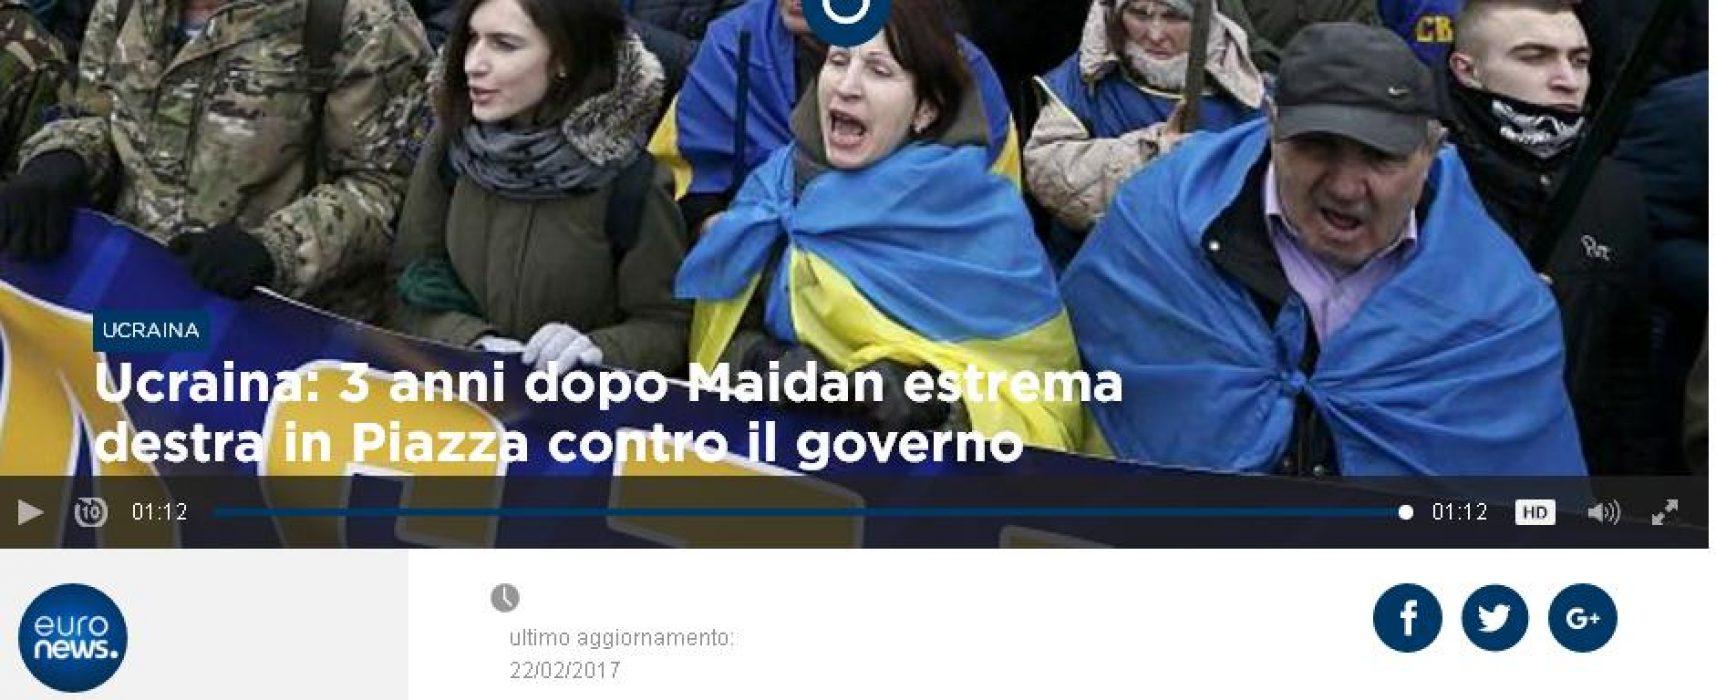 Fake : Euronews, Nazisti a Kiev per il terzo anniversario di Maidan